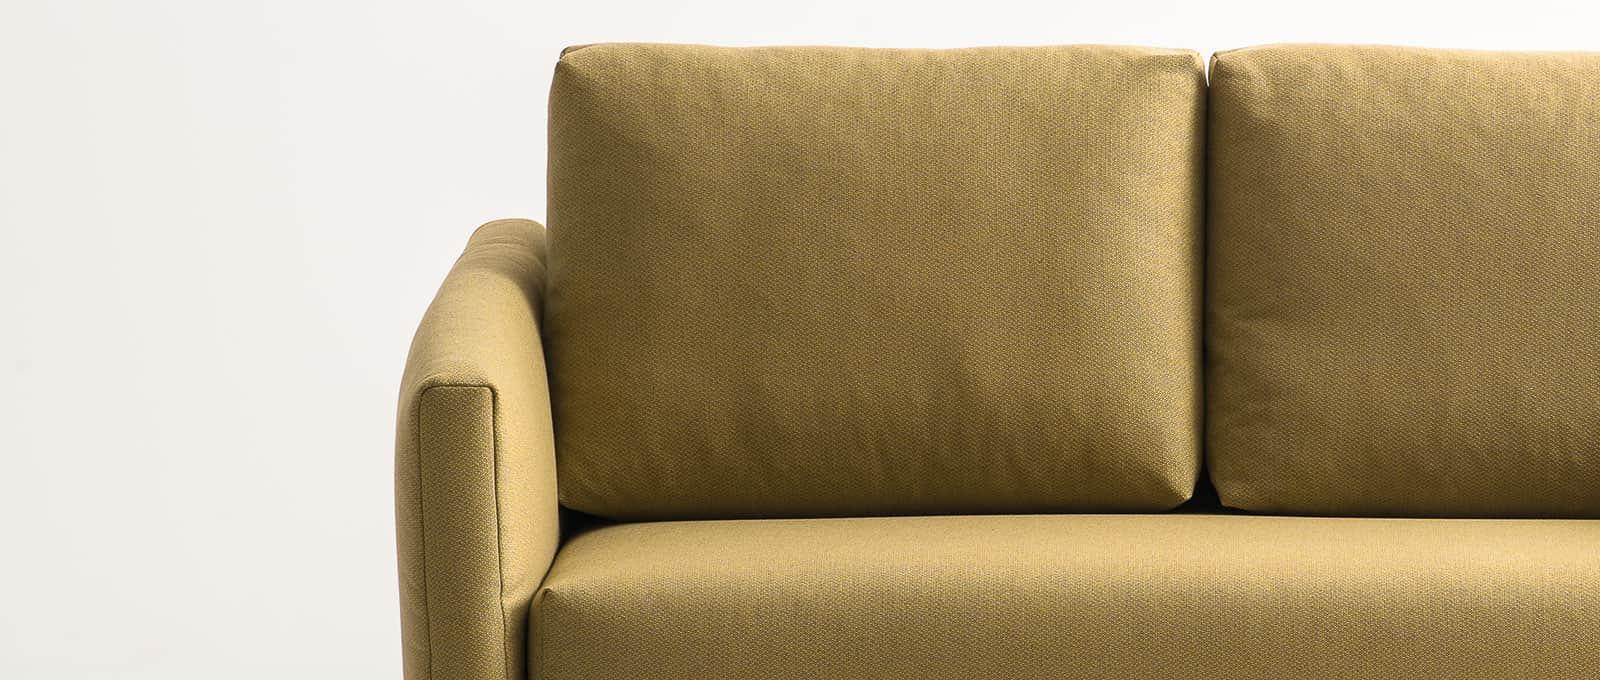 Zwei Rückenkissen sind im Lieferumfang des Schlafsofas enthalten. Gerade Rückenkissen. Sofa in gelb. Bettsofa. Sofa mit Bettfunktion